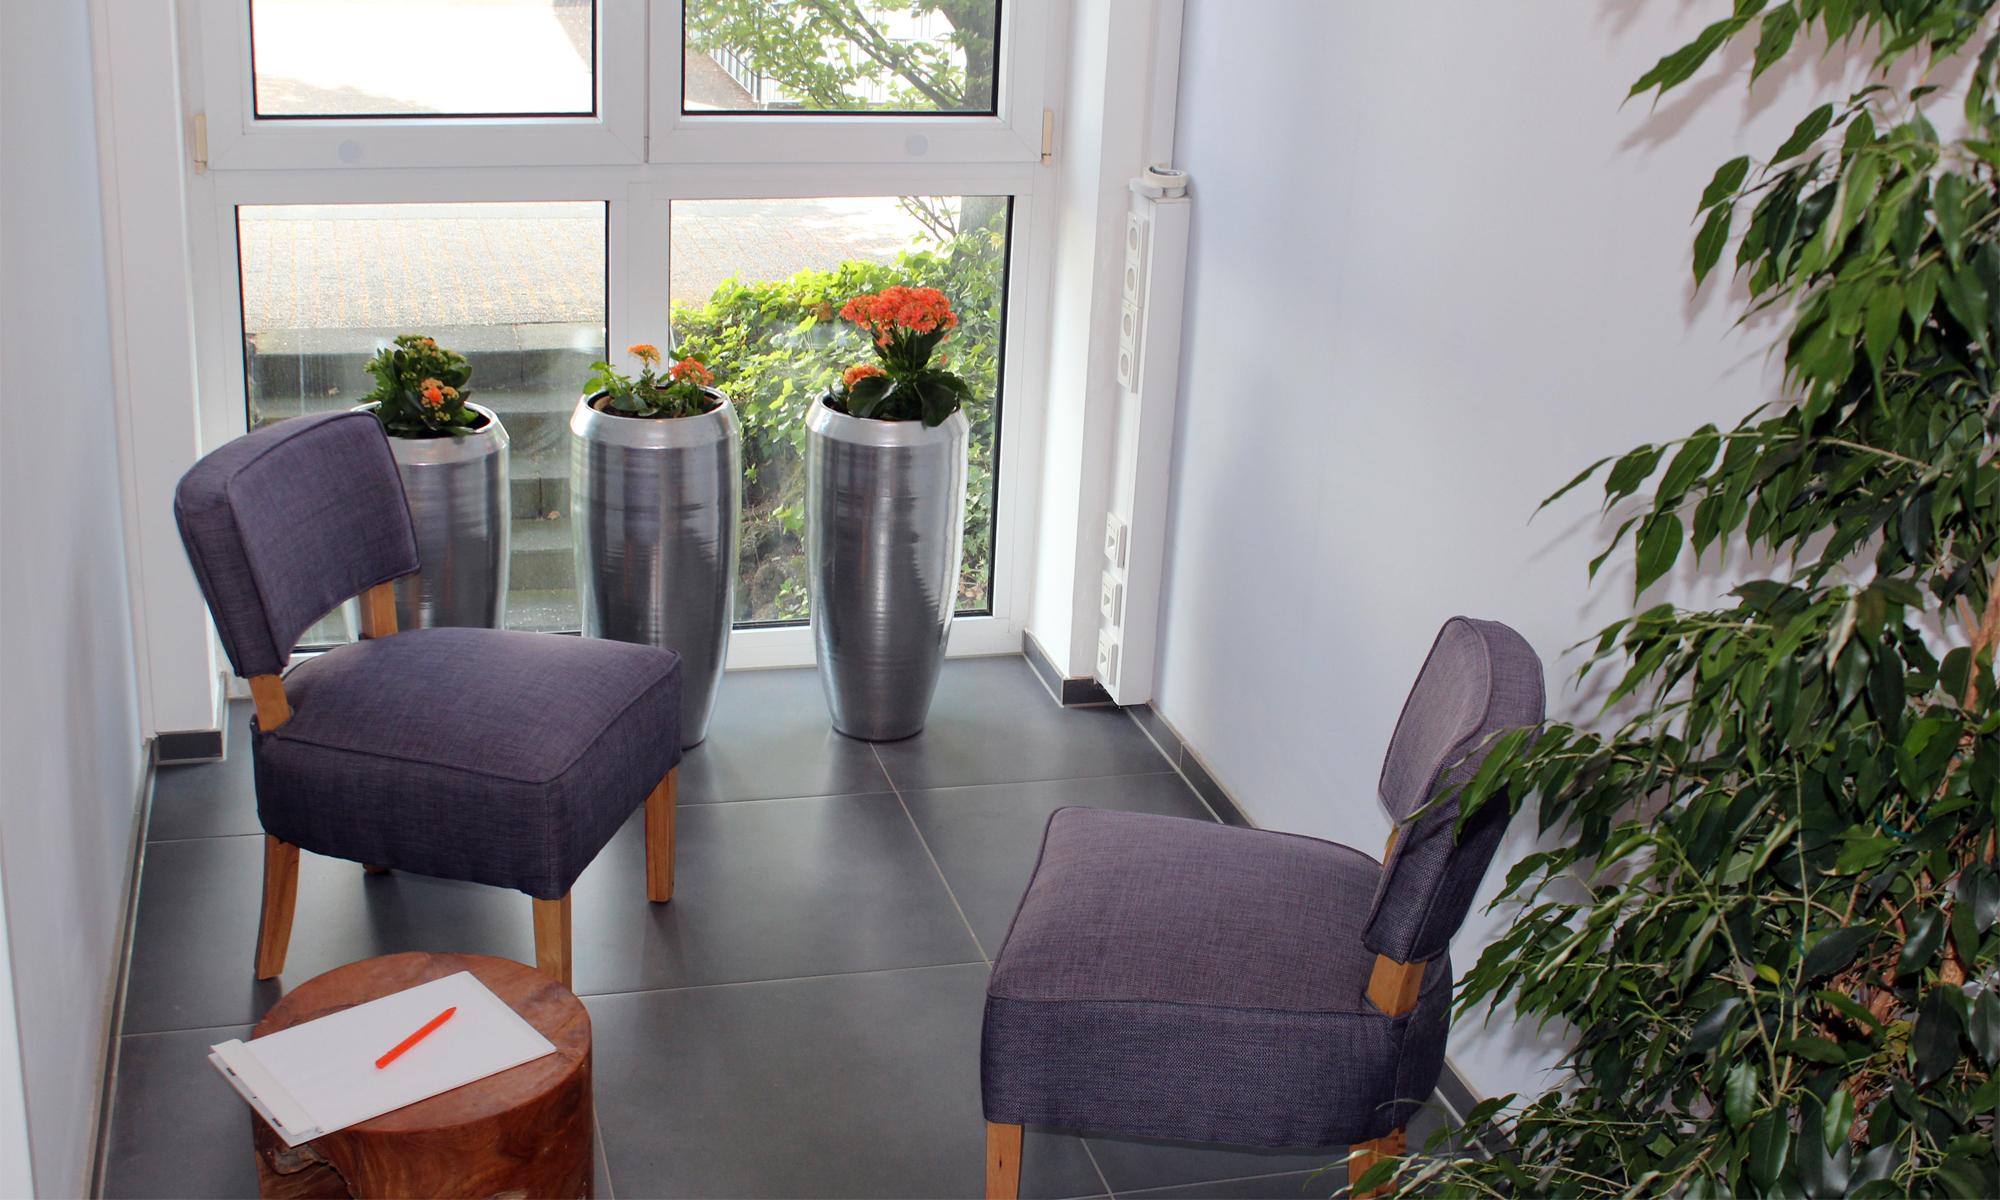 Besprechungsraum zwei Sessel Tisch drei Bodenvasen Block Stift